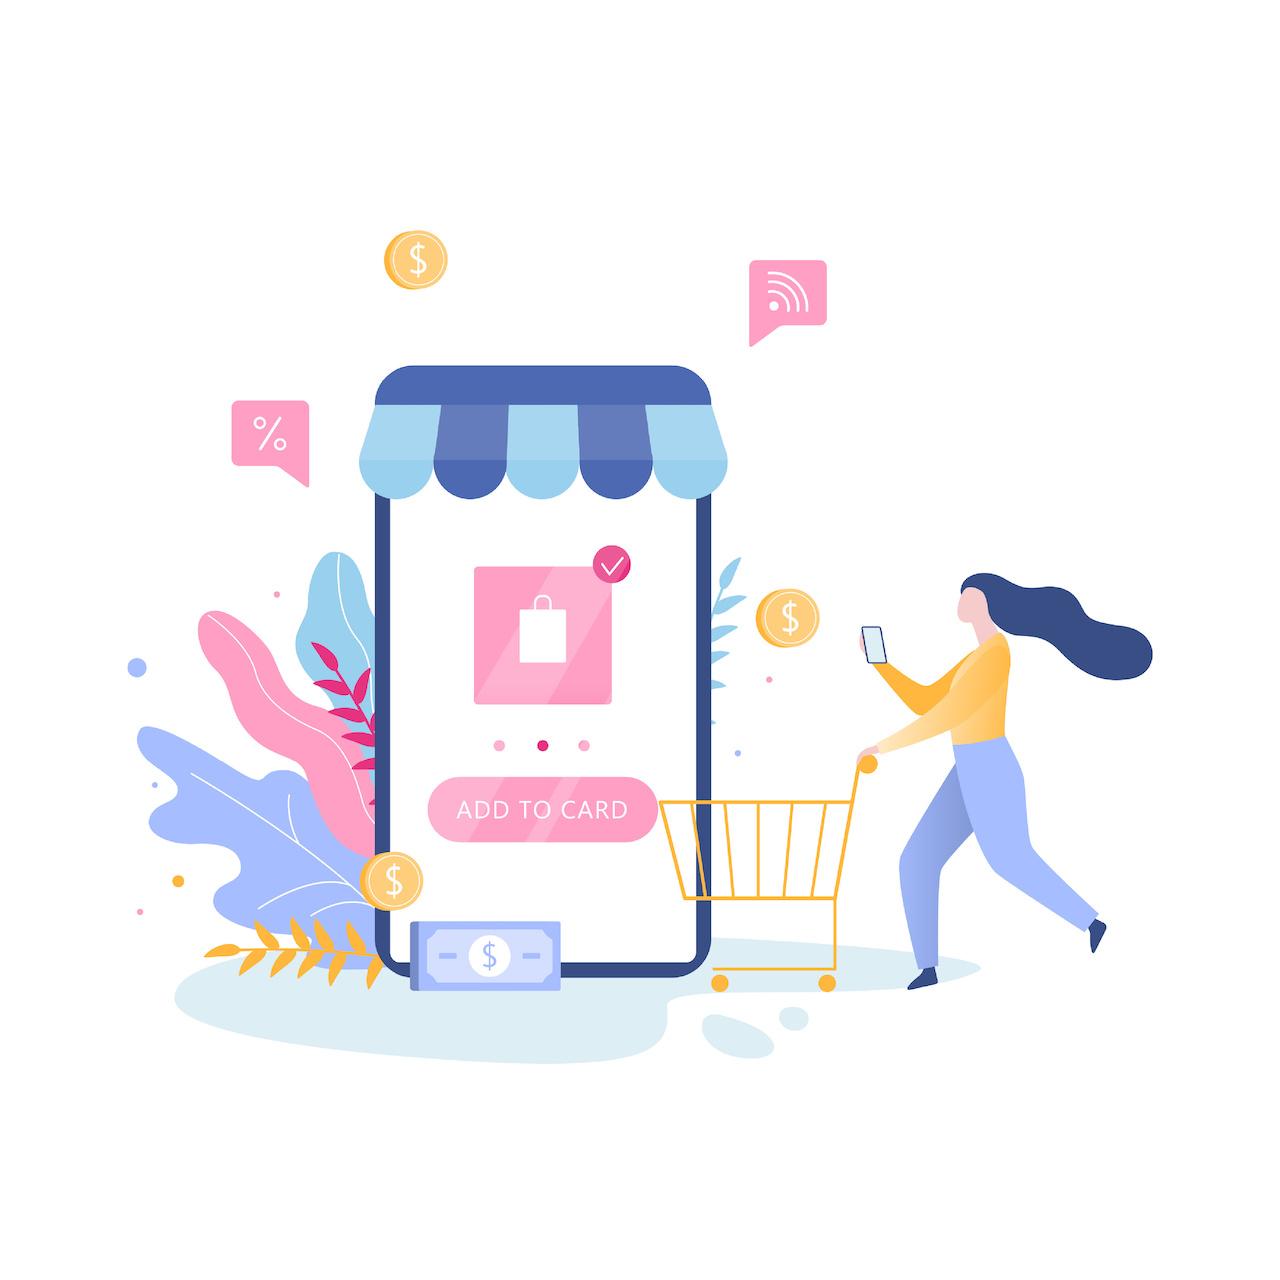 GI - Strategia per crescita marchio